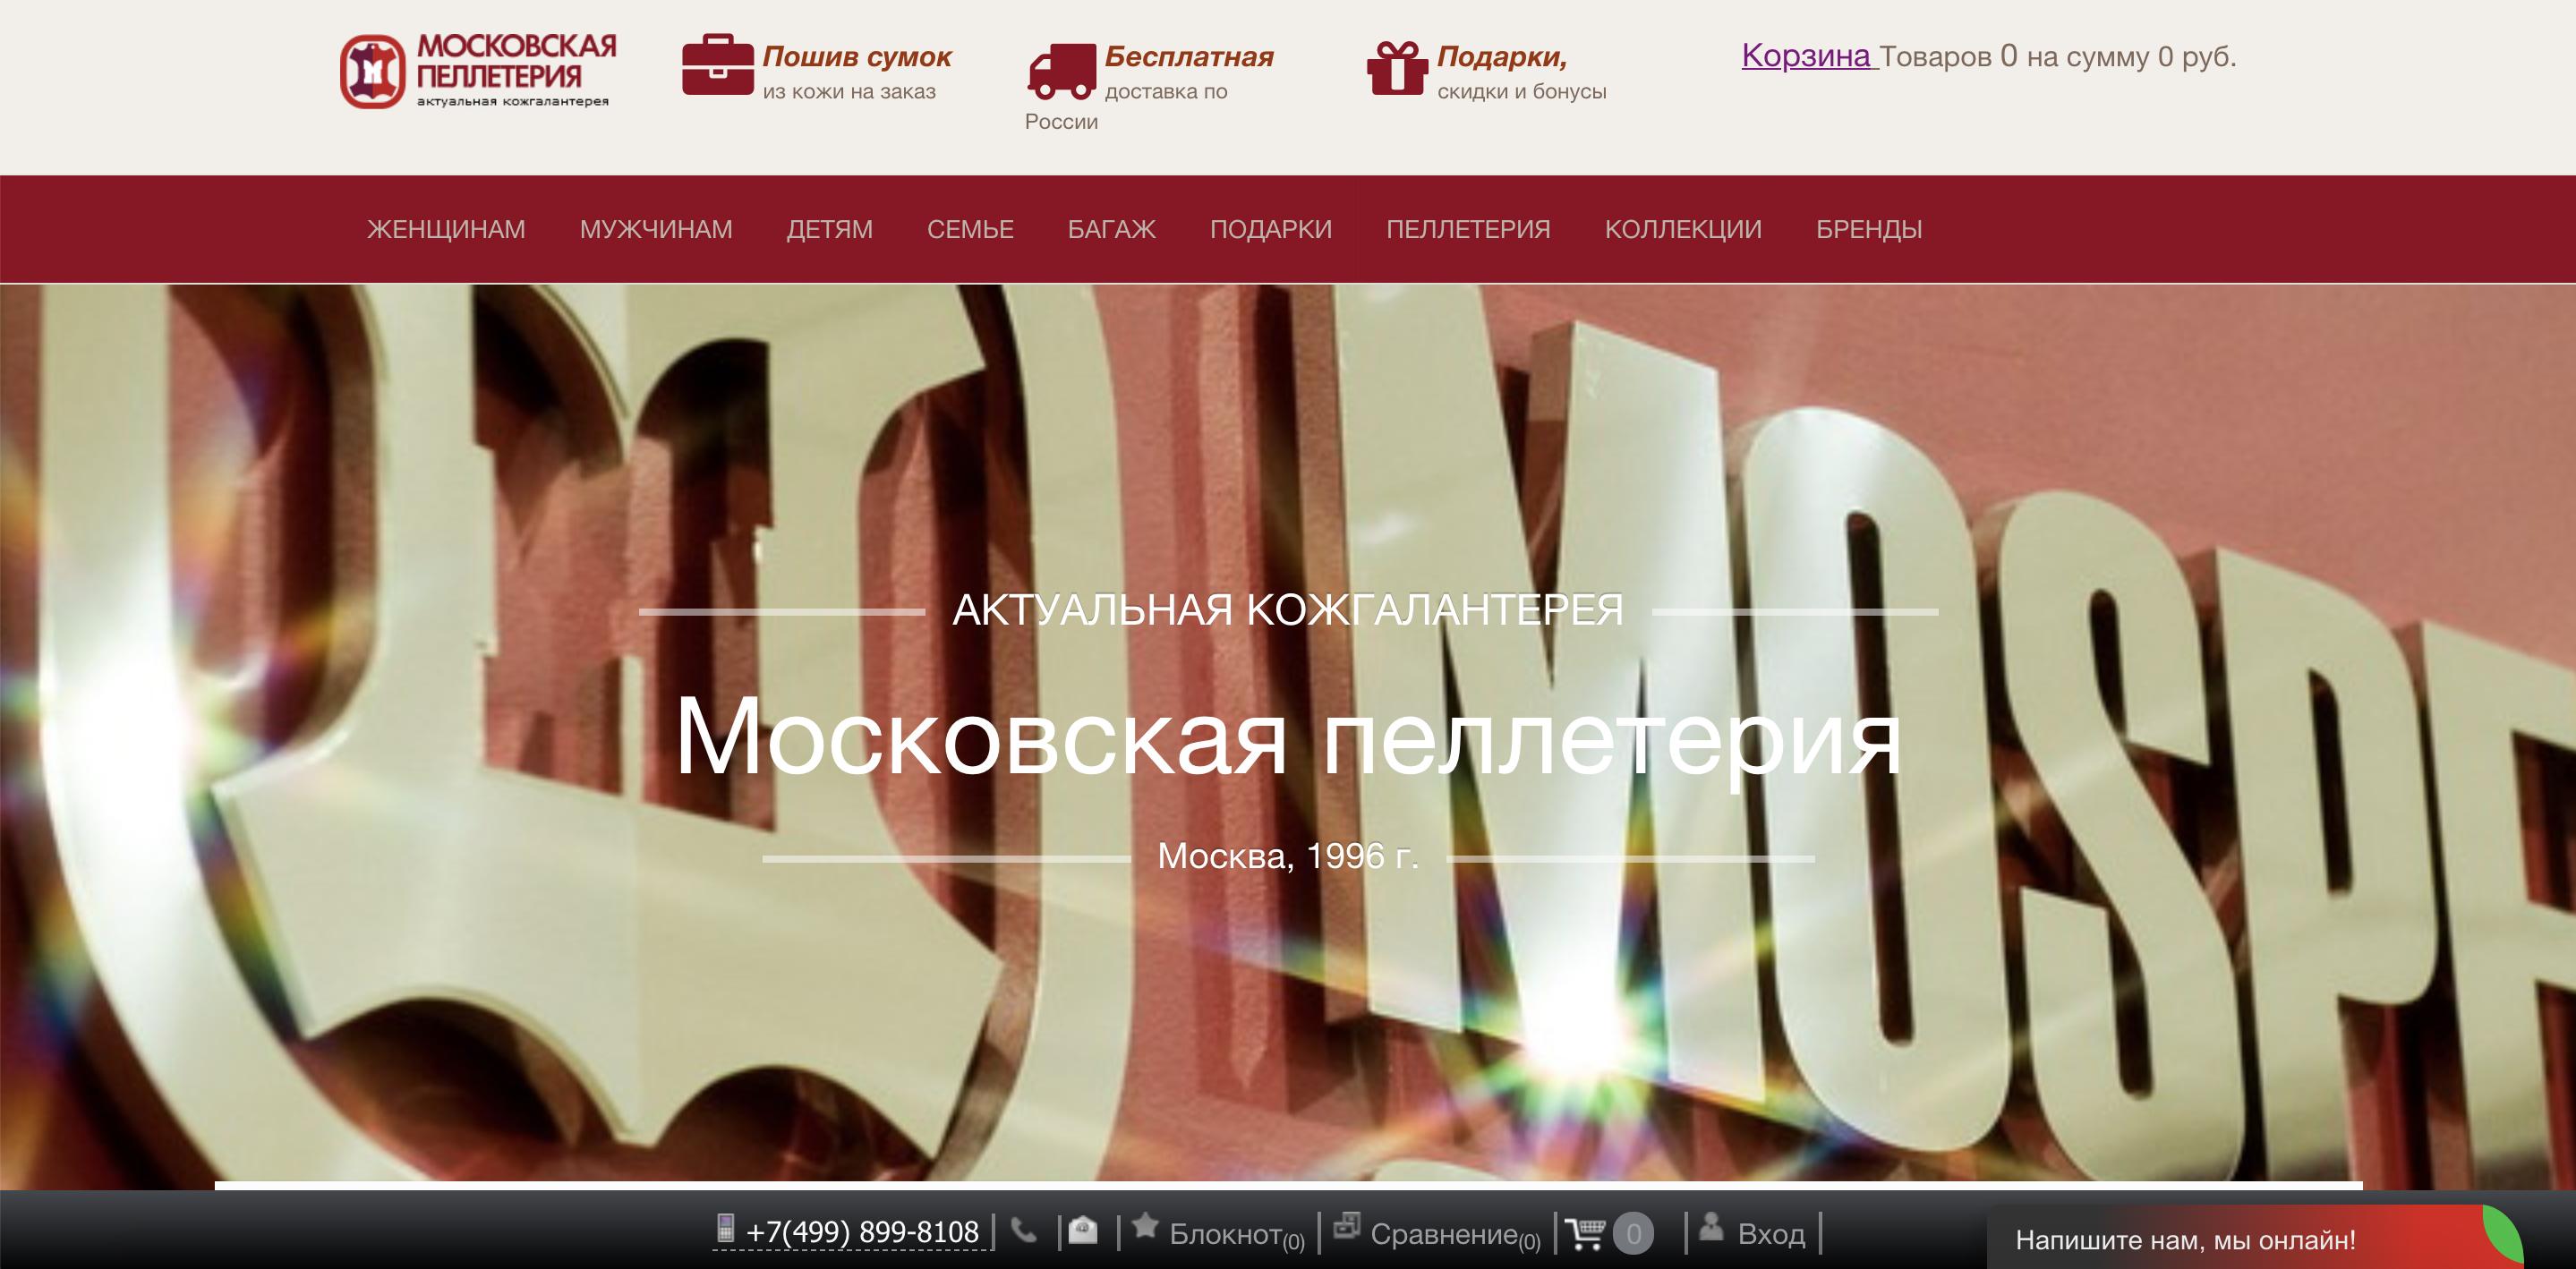 СЕО-аудит интернет-магазина mospel.ru